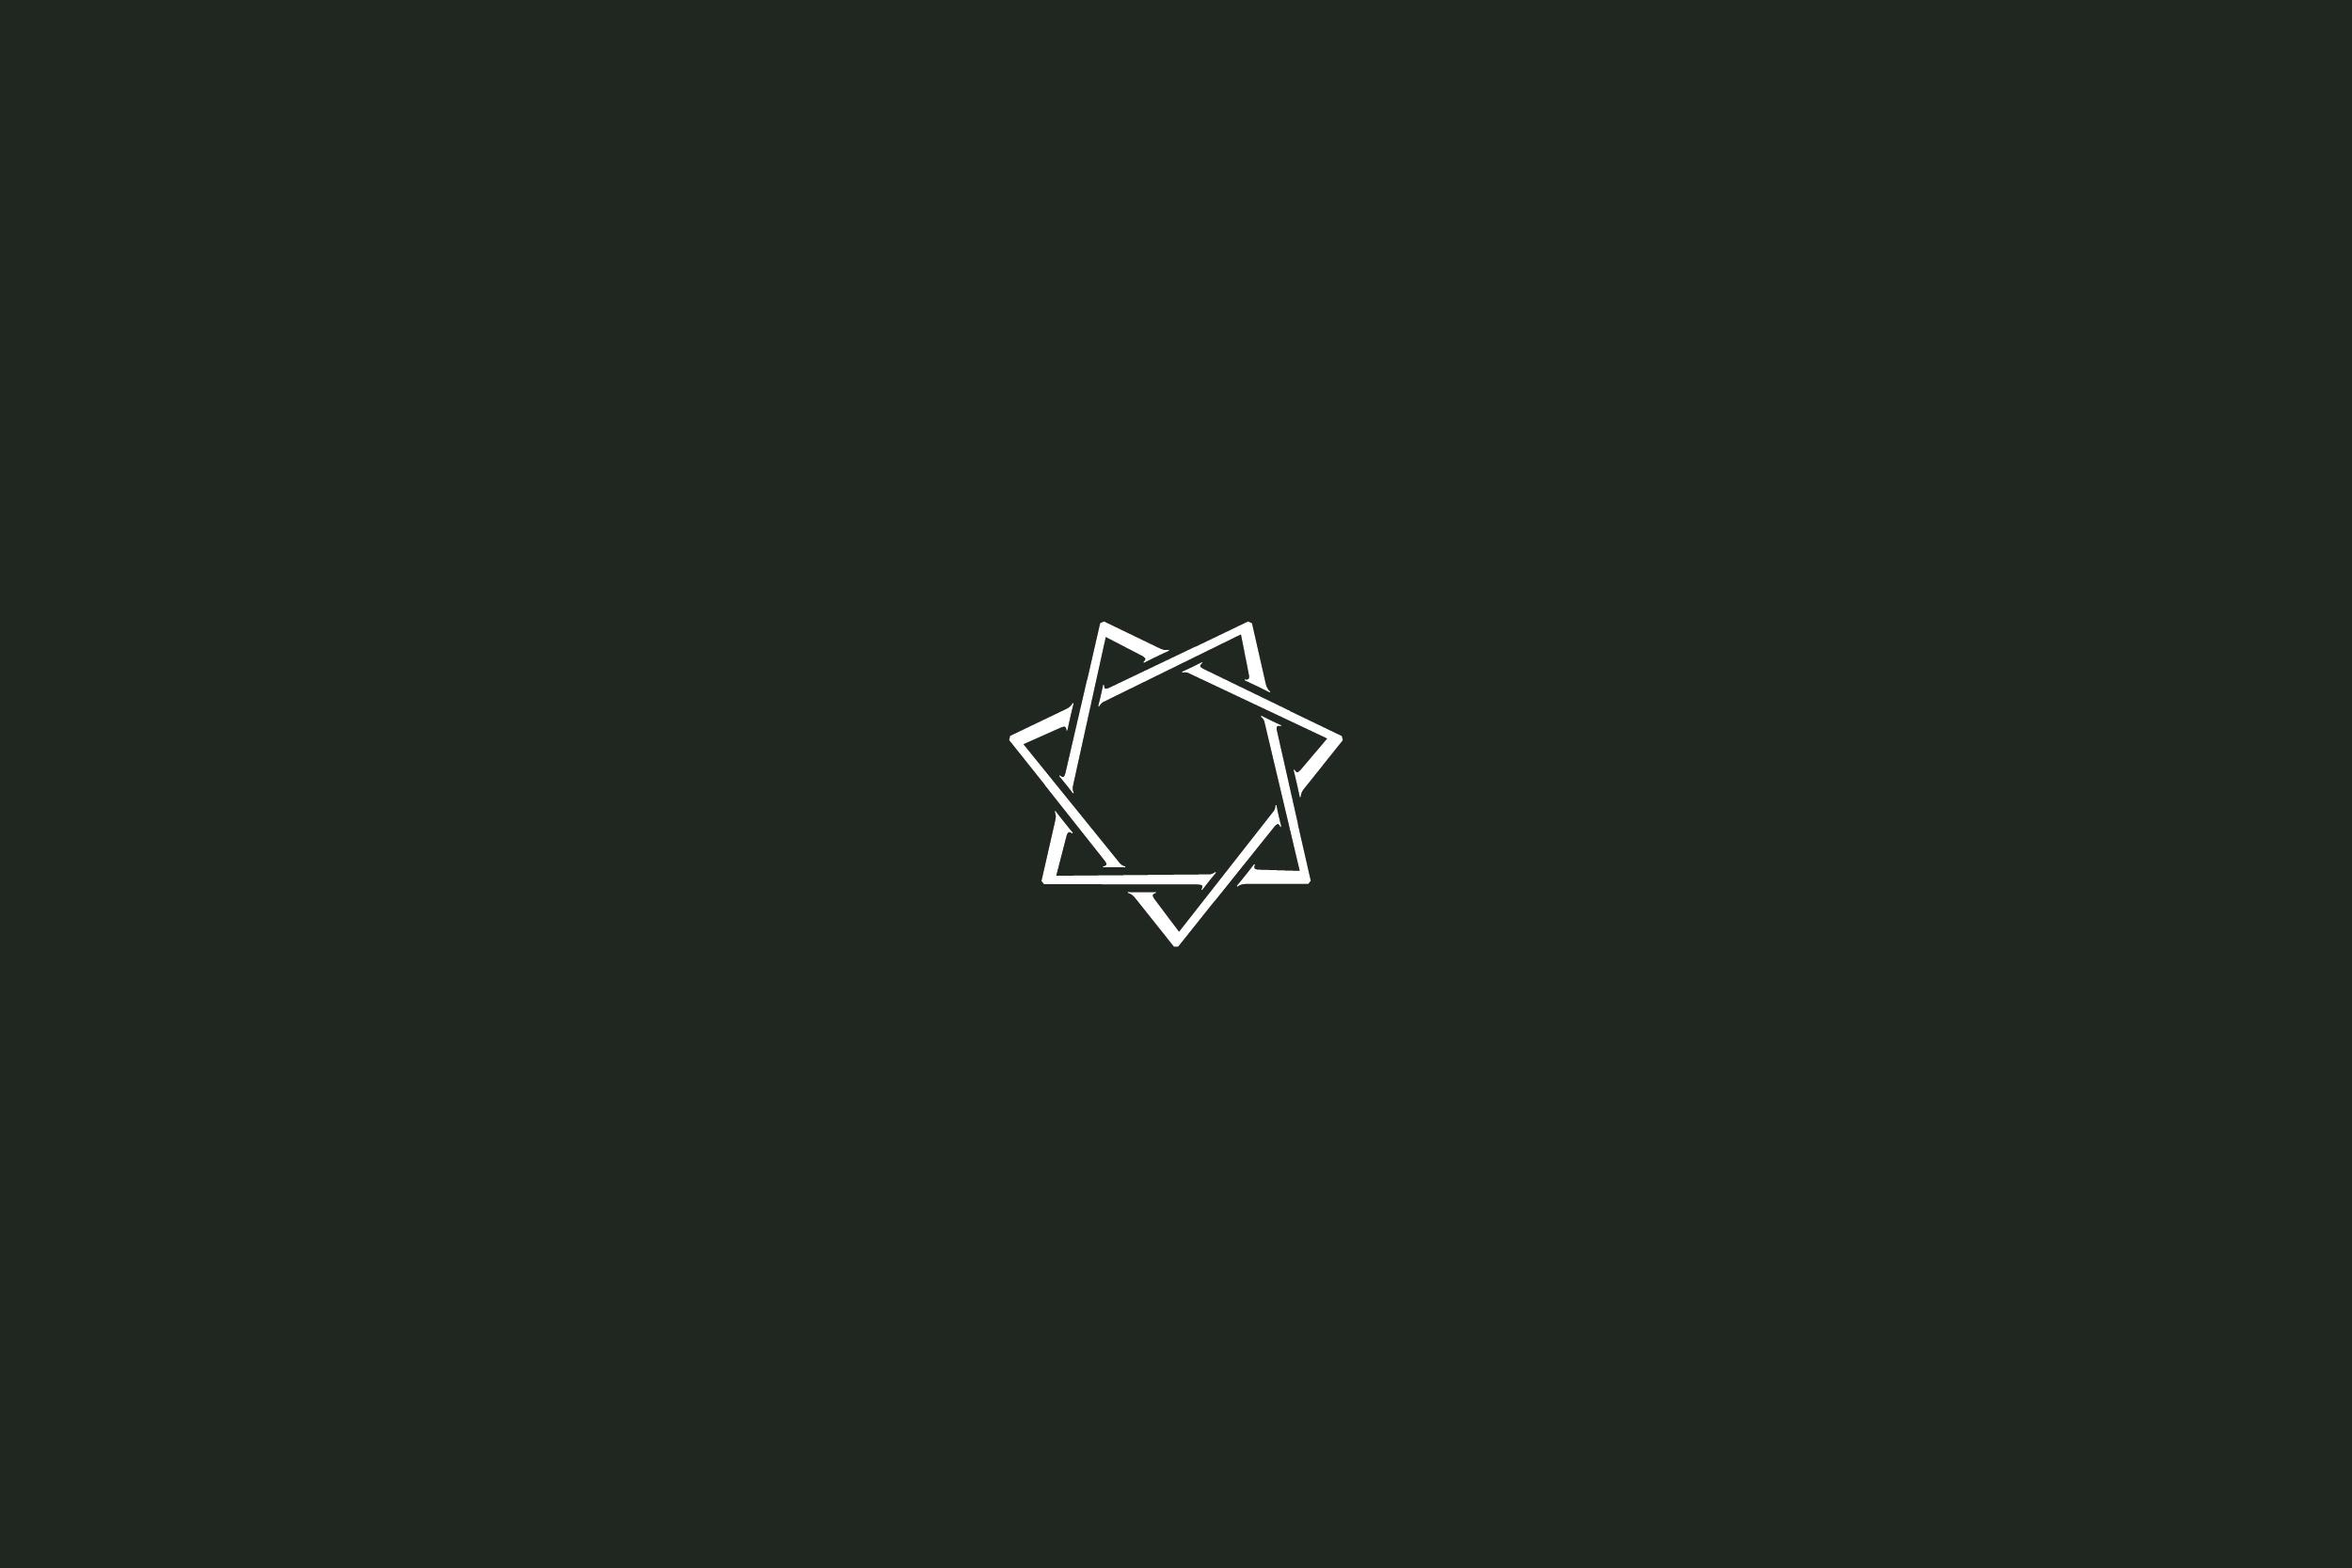 emblem_dark